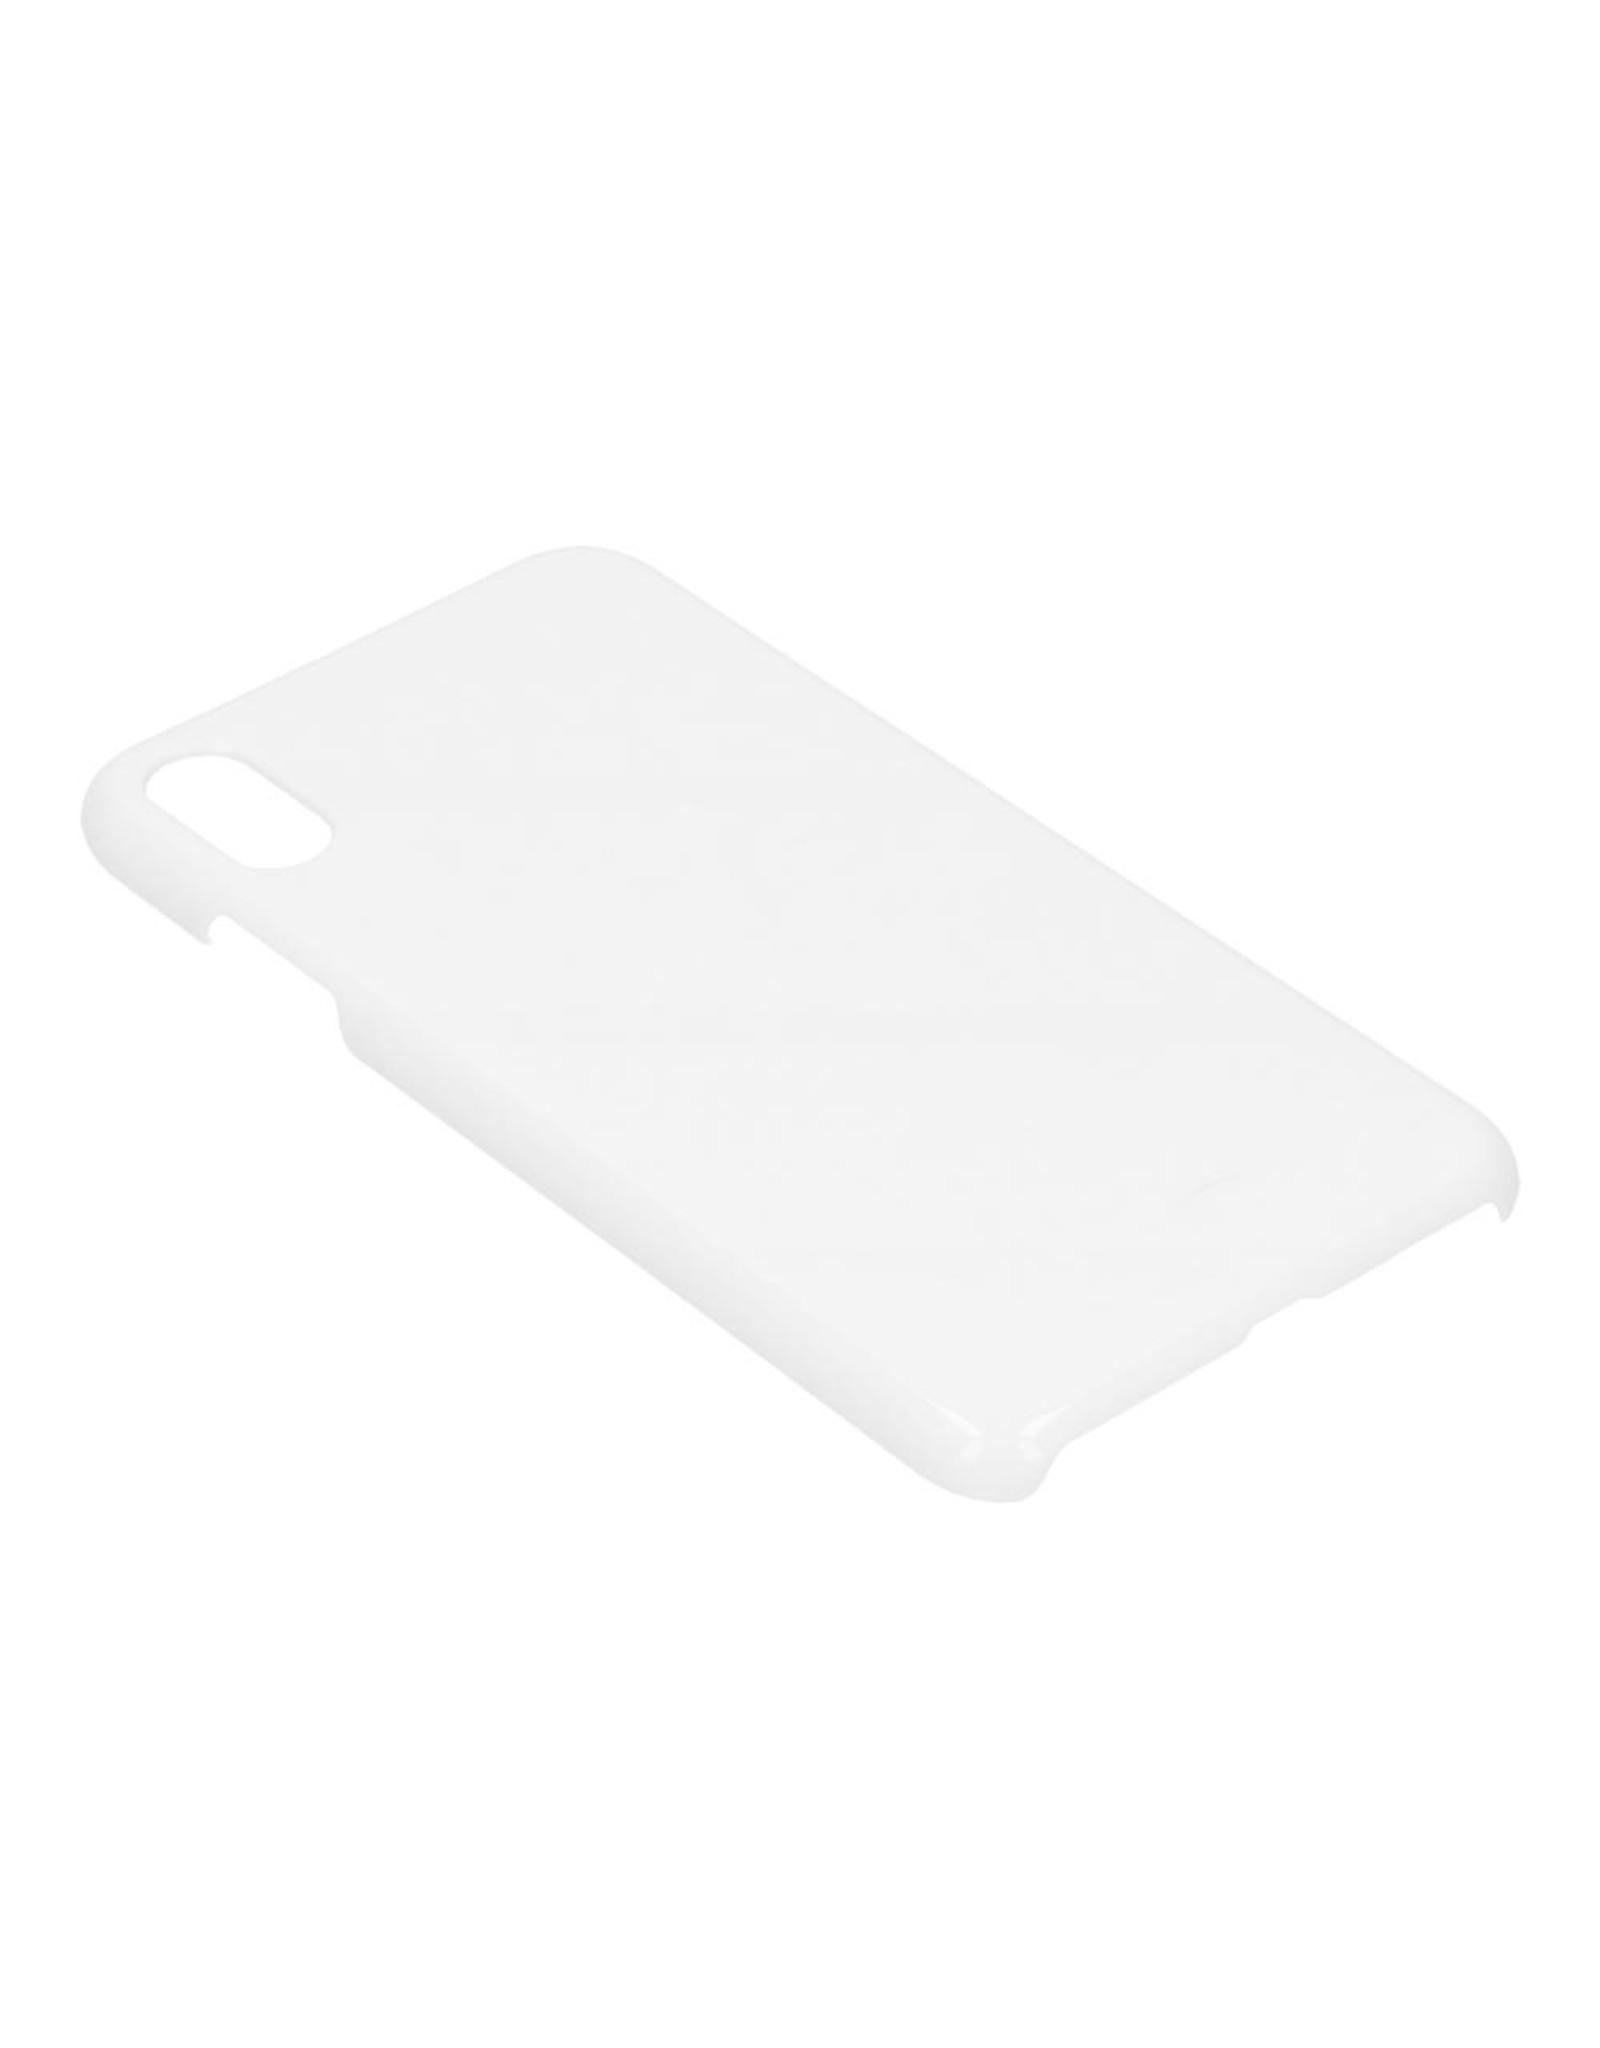 3D iPhone XS max